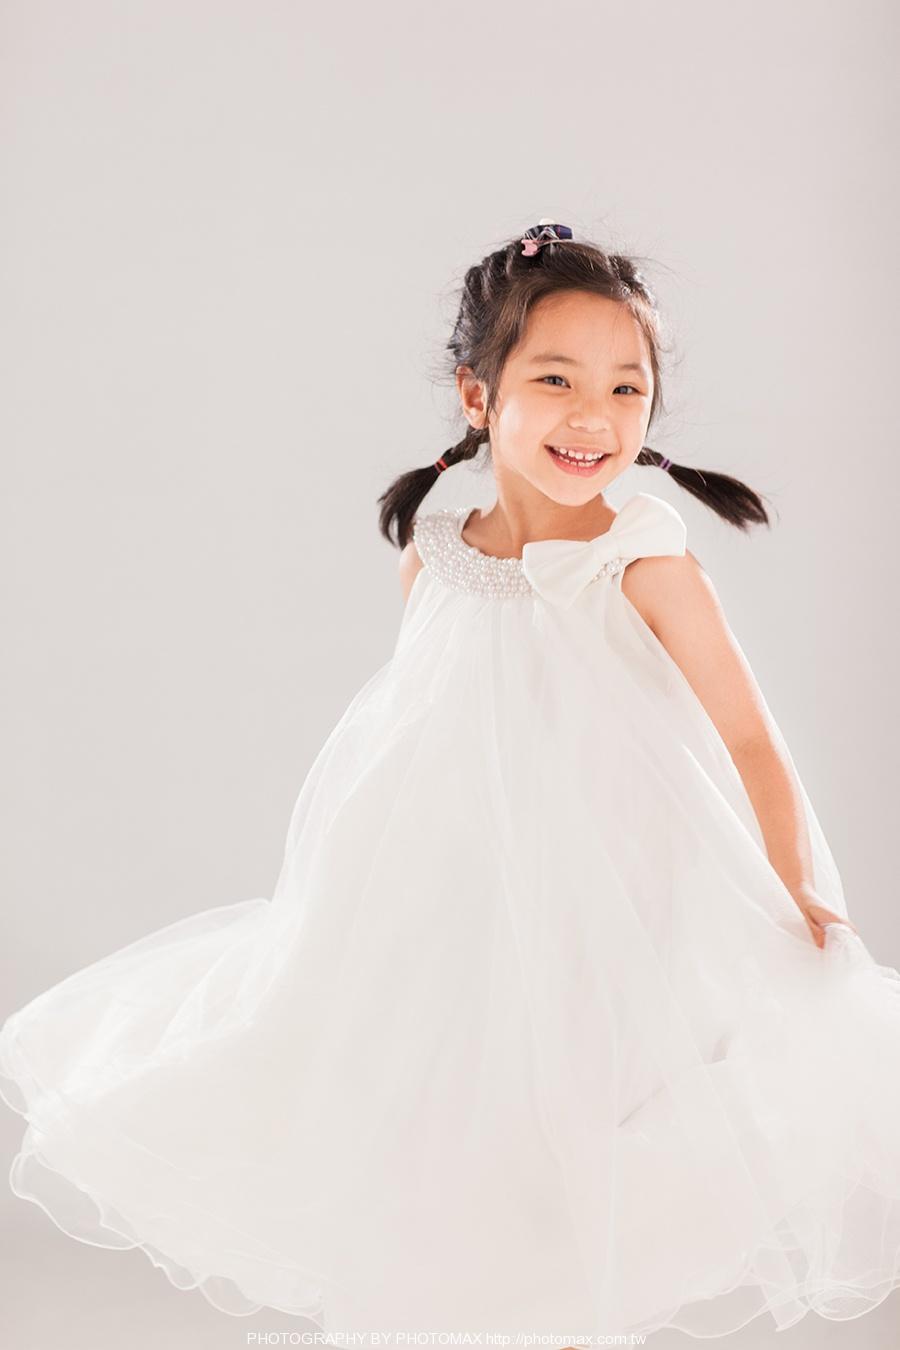 小公主 老麦摄影 儿童摄影 麦叔叔  (1)